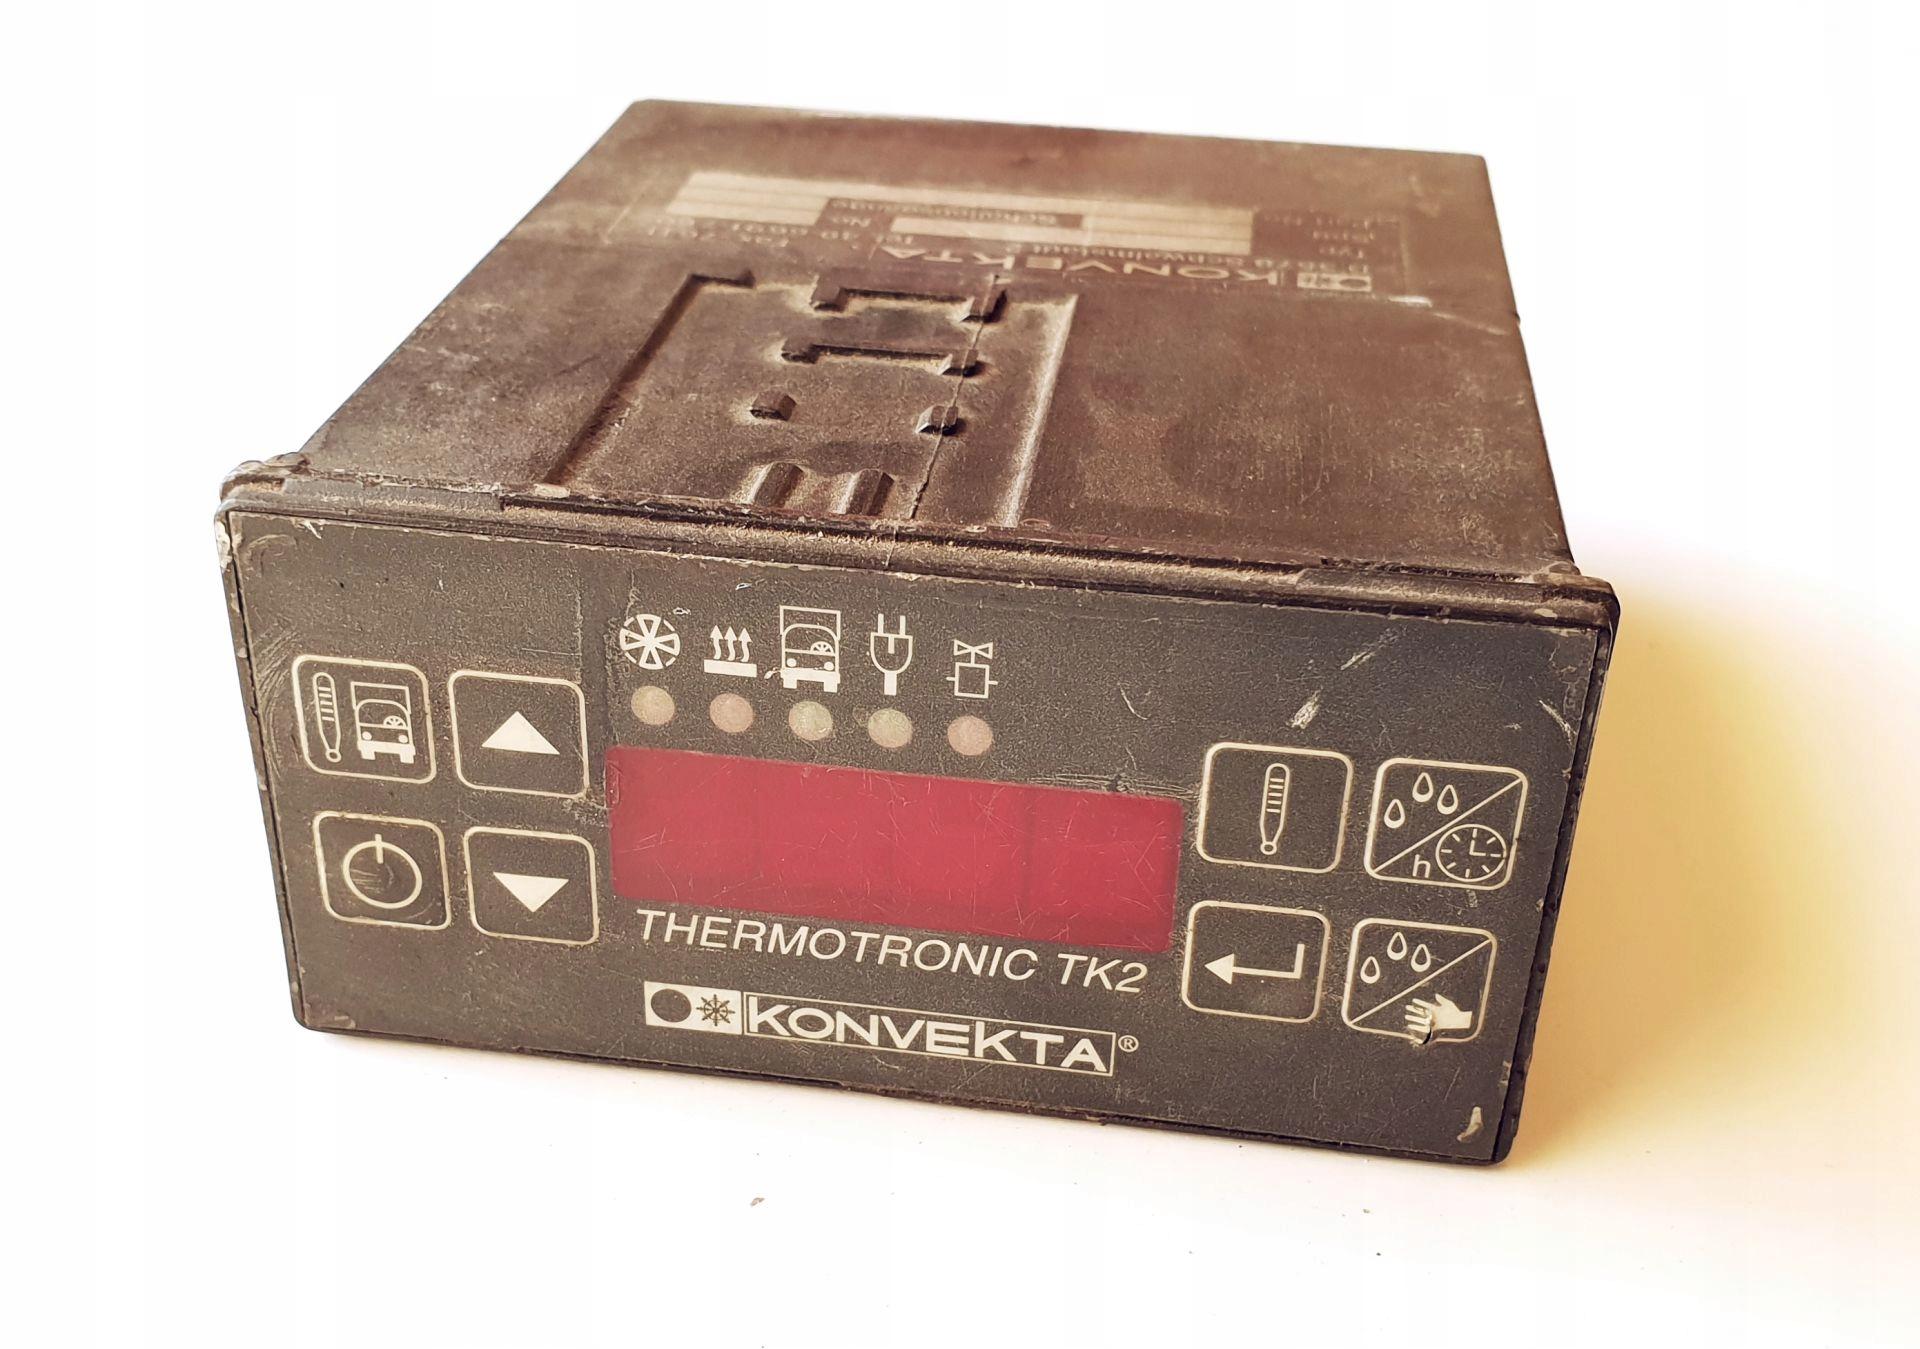 драйвер агрегата konvekta thermotronic tk2